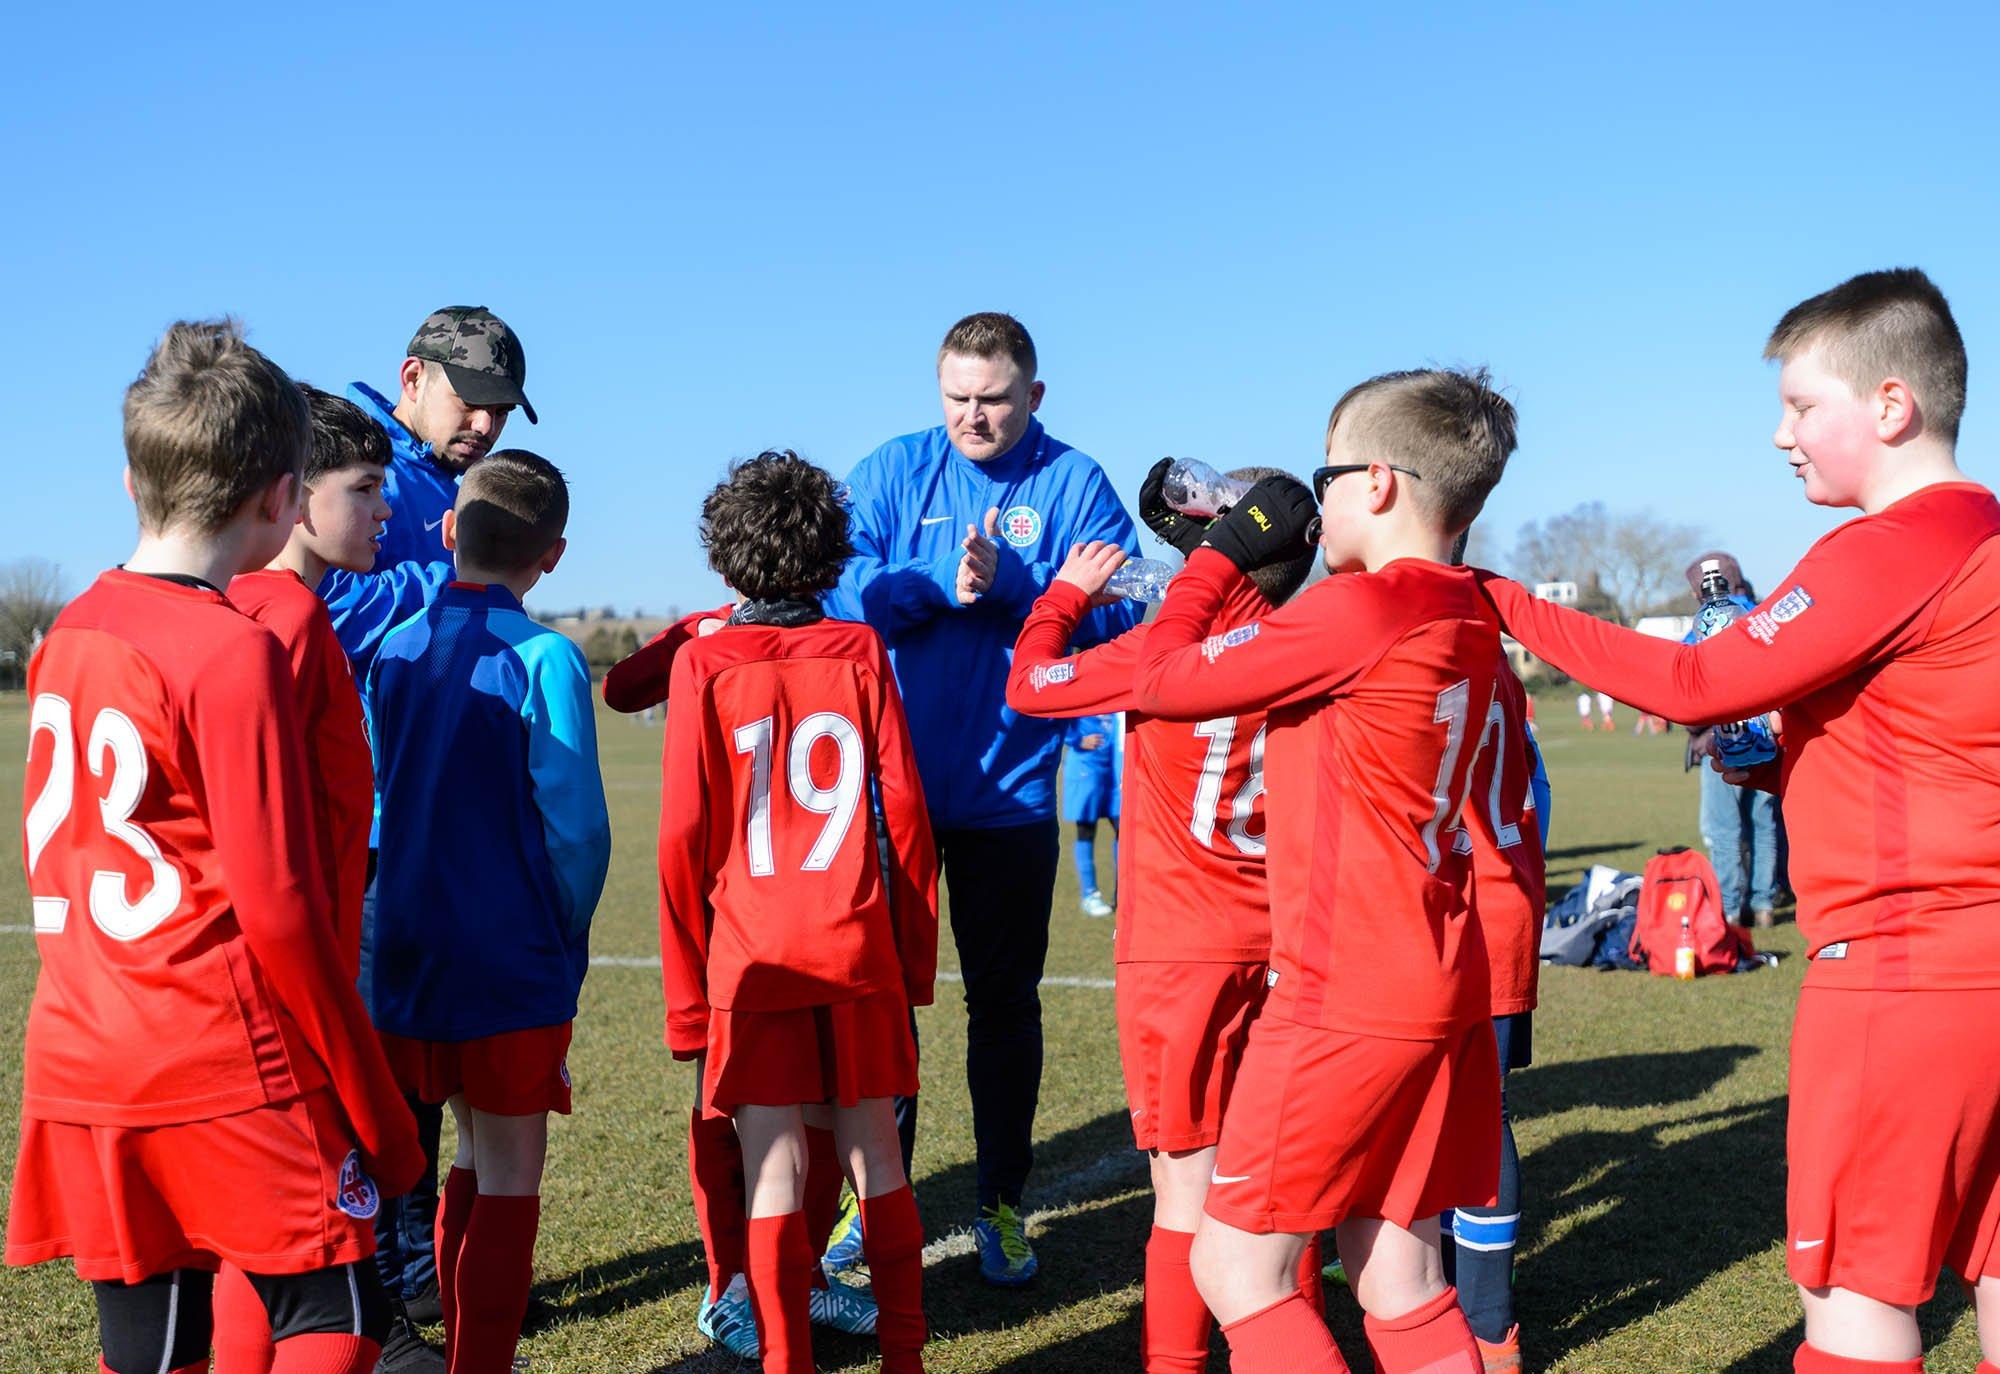 junior-football-sport-england.jpg